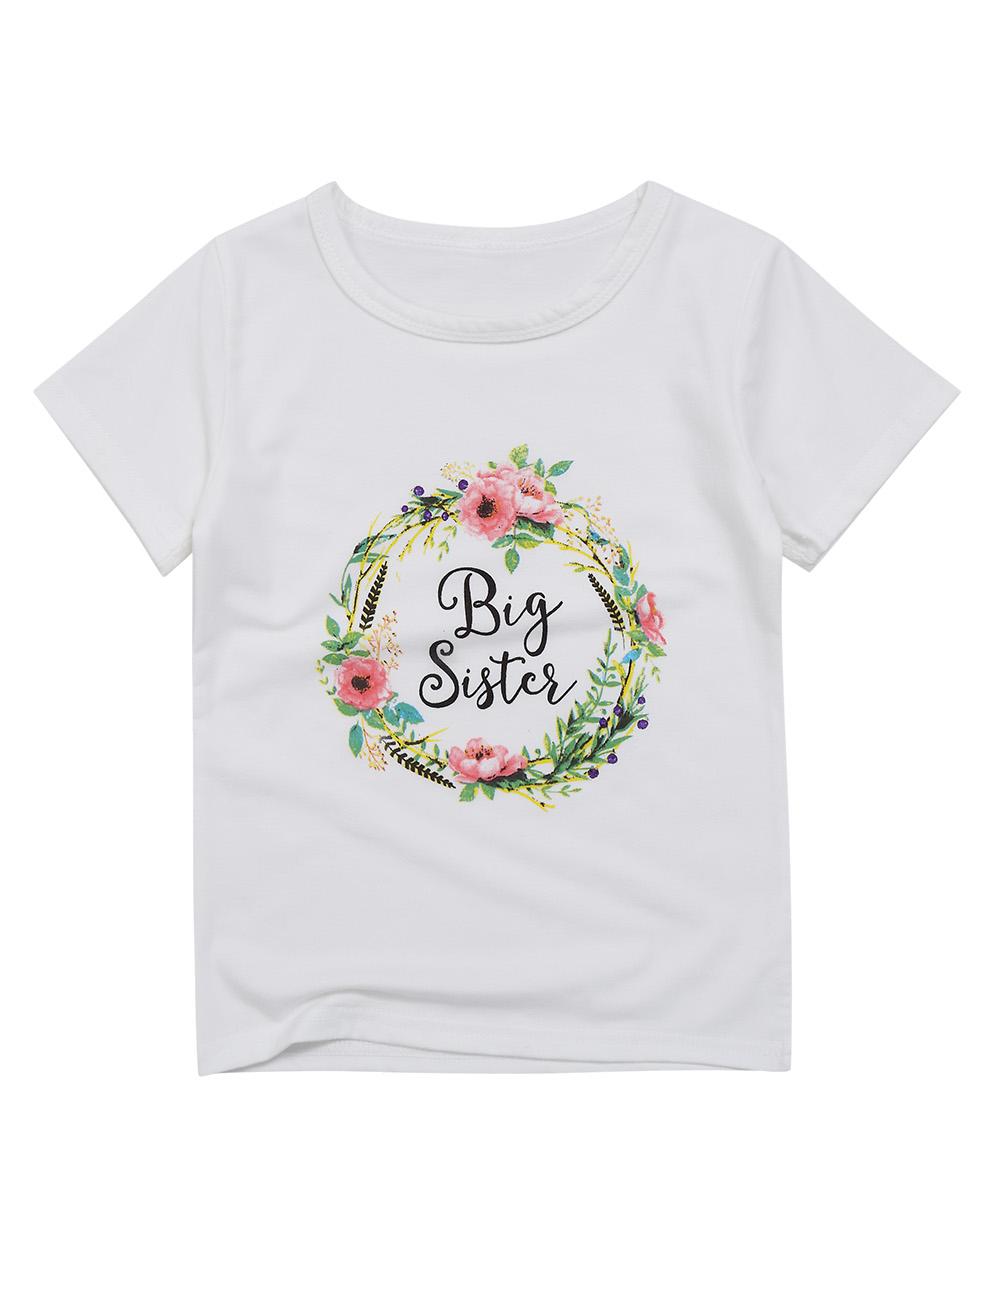 Kidlove Baby Girls' Flower Printed Short Sleeve Rompers Lovely Bodysuit White